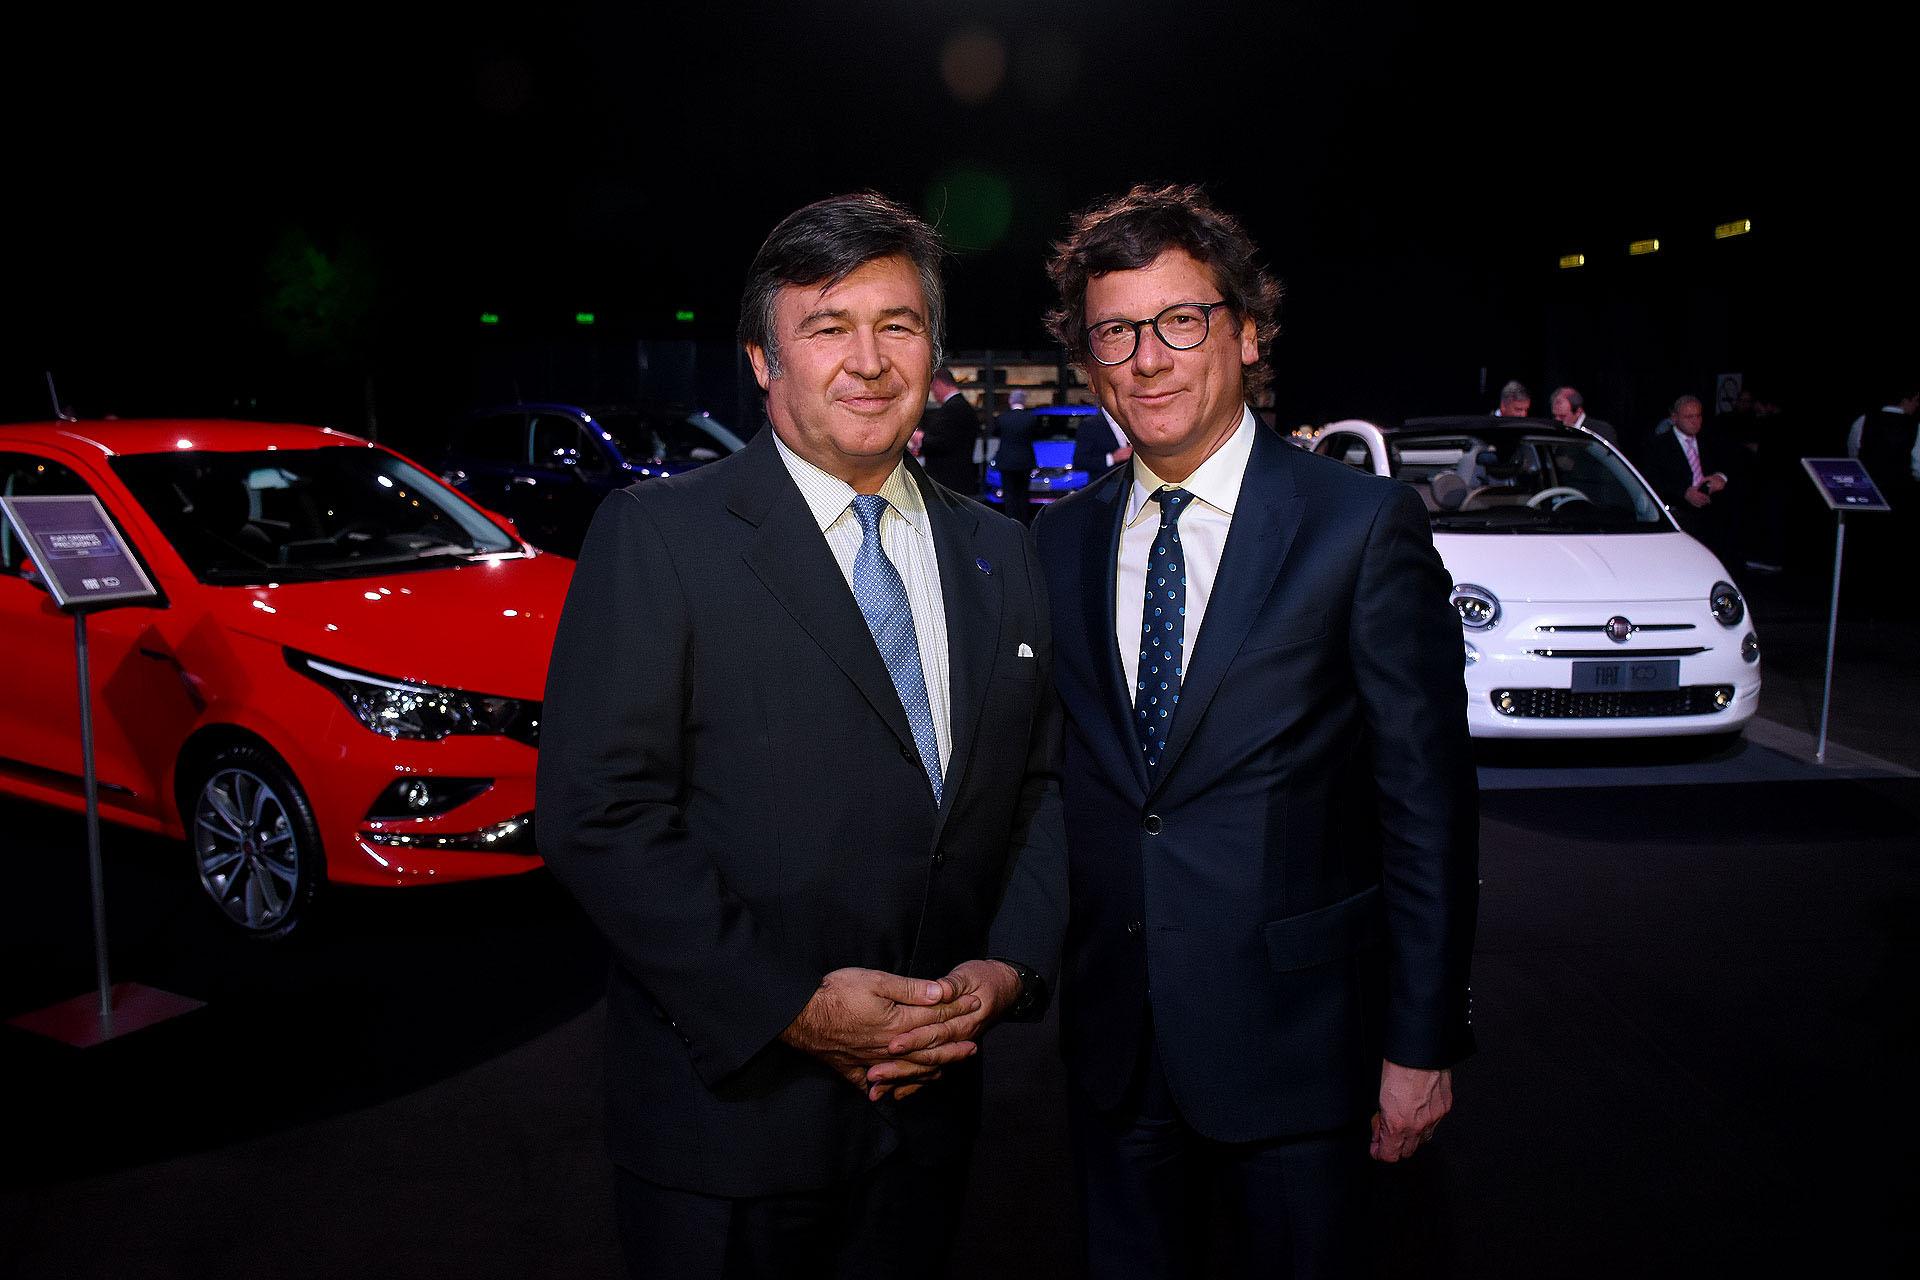 El presidente de la Sociedad Rural Argentina, Daniel Pelegrina, y el presidente de HSBC Argentina, Gabriel Martino